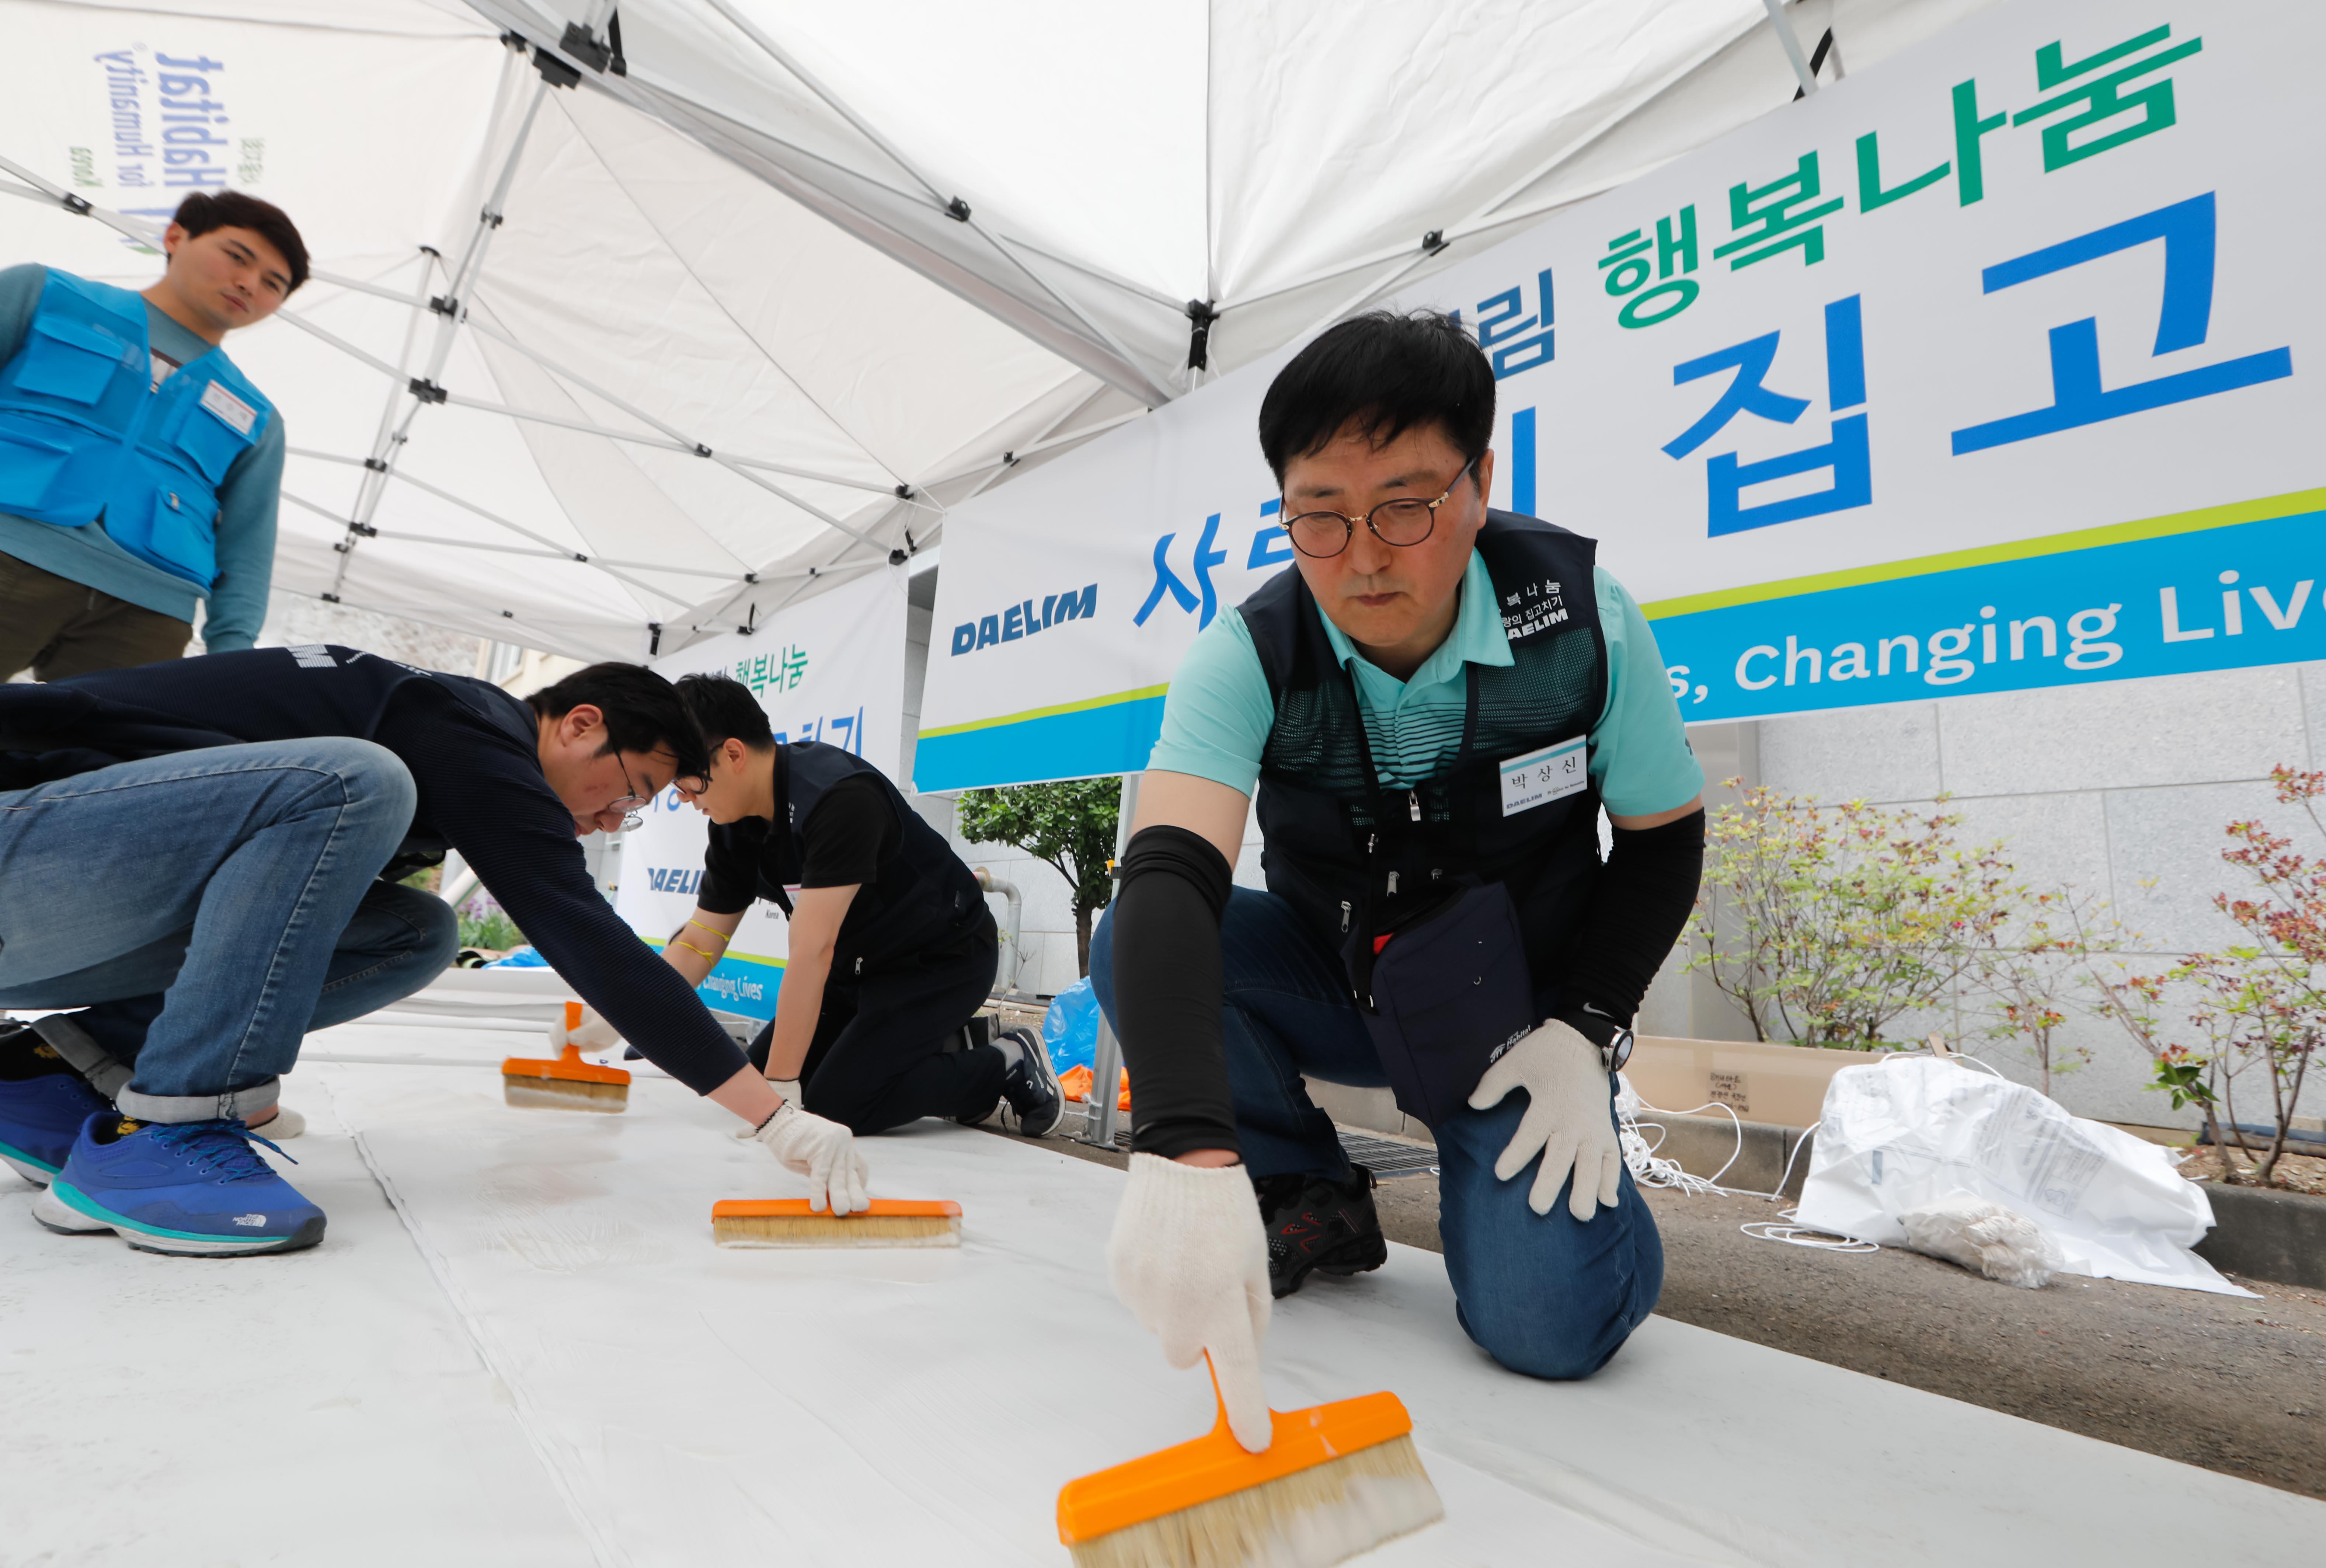 ▲ 대림산업 박상신 대표(우측 첫번째)가 도배작업에 사용할 벽지에 풀칠을 하고 있다